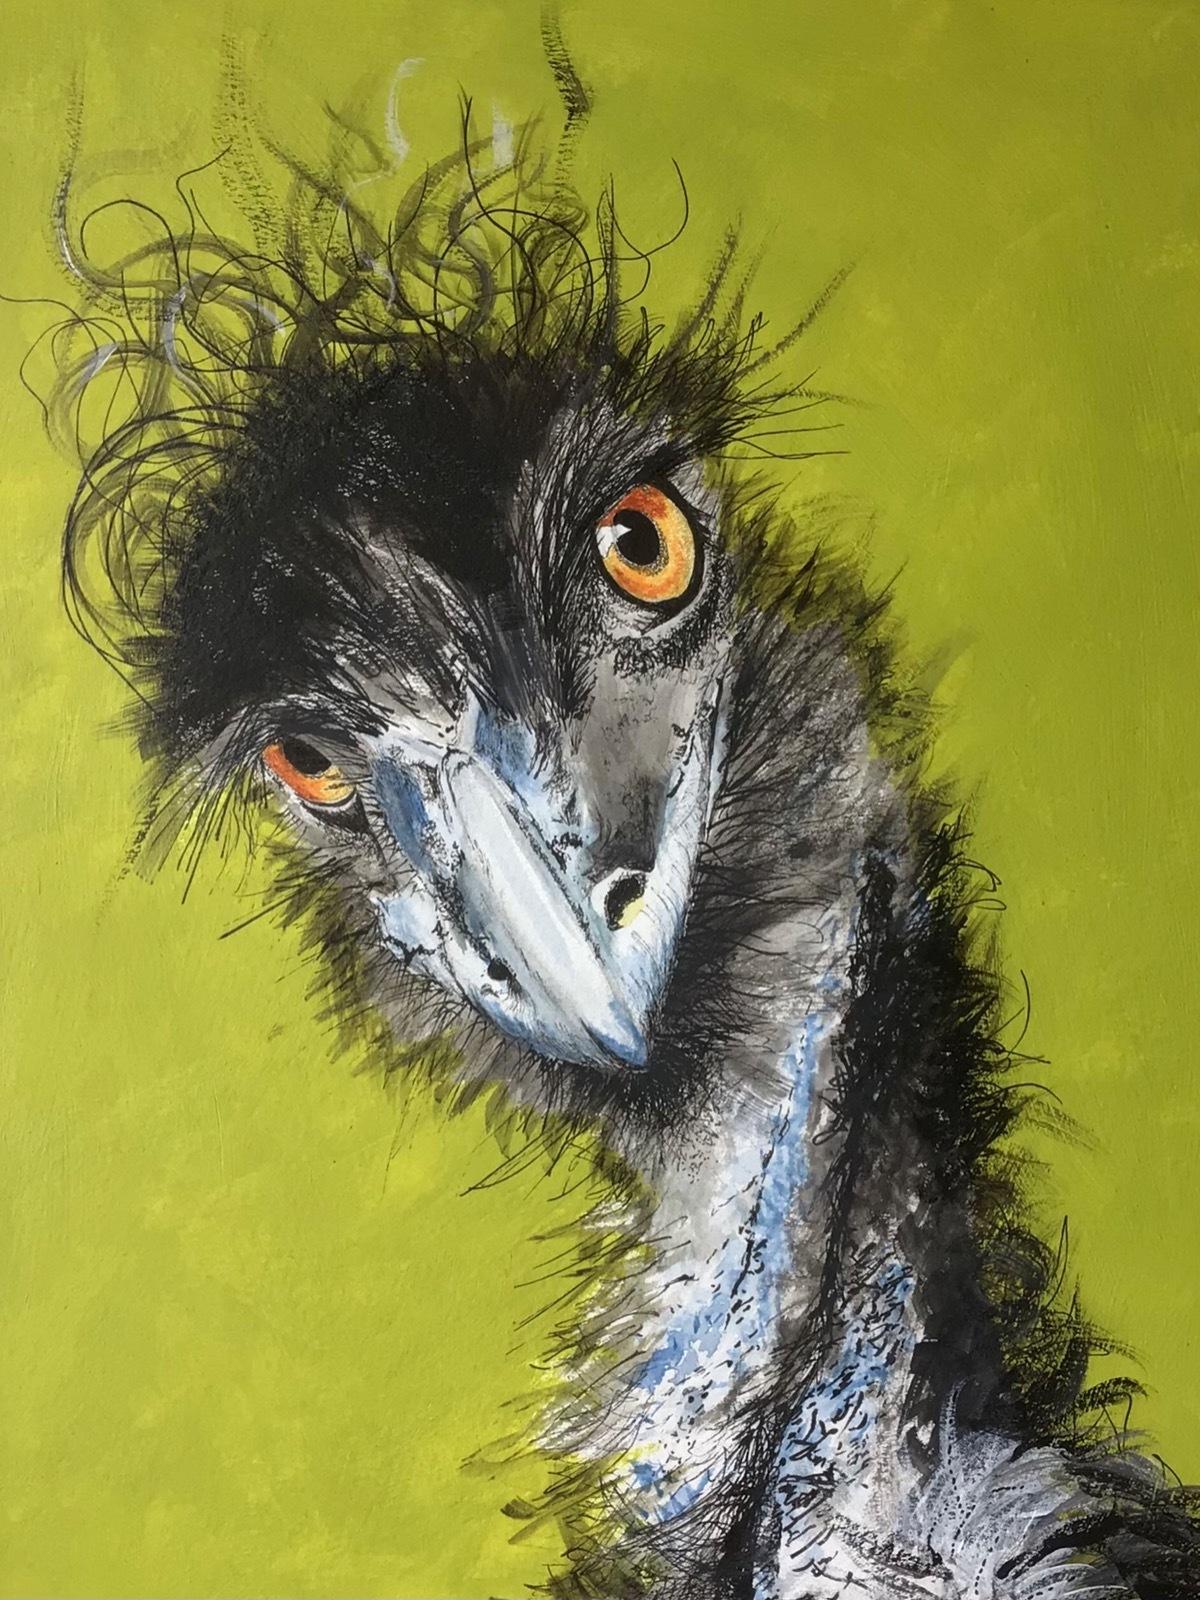 Mischievous Bird